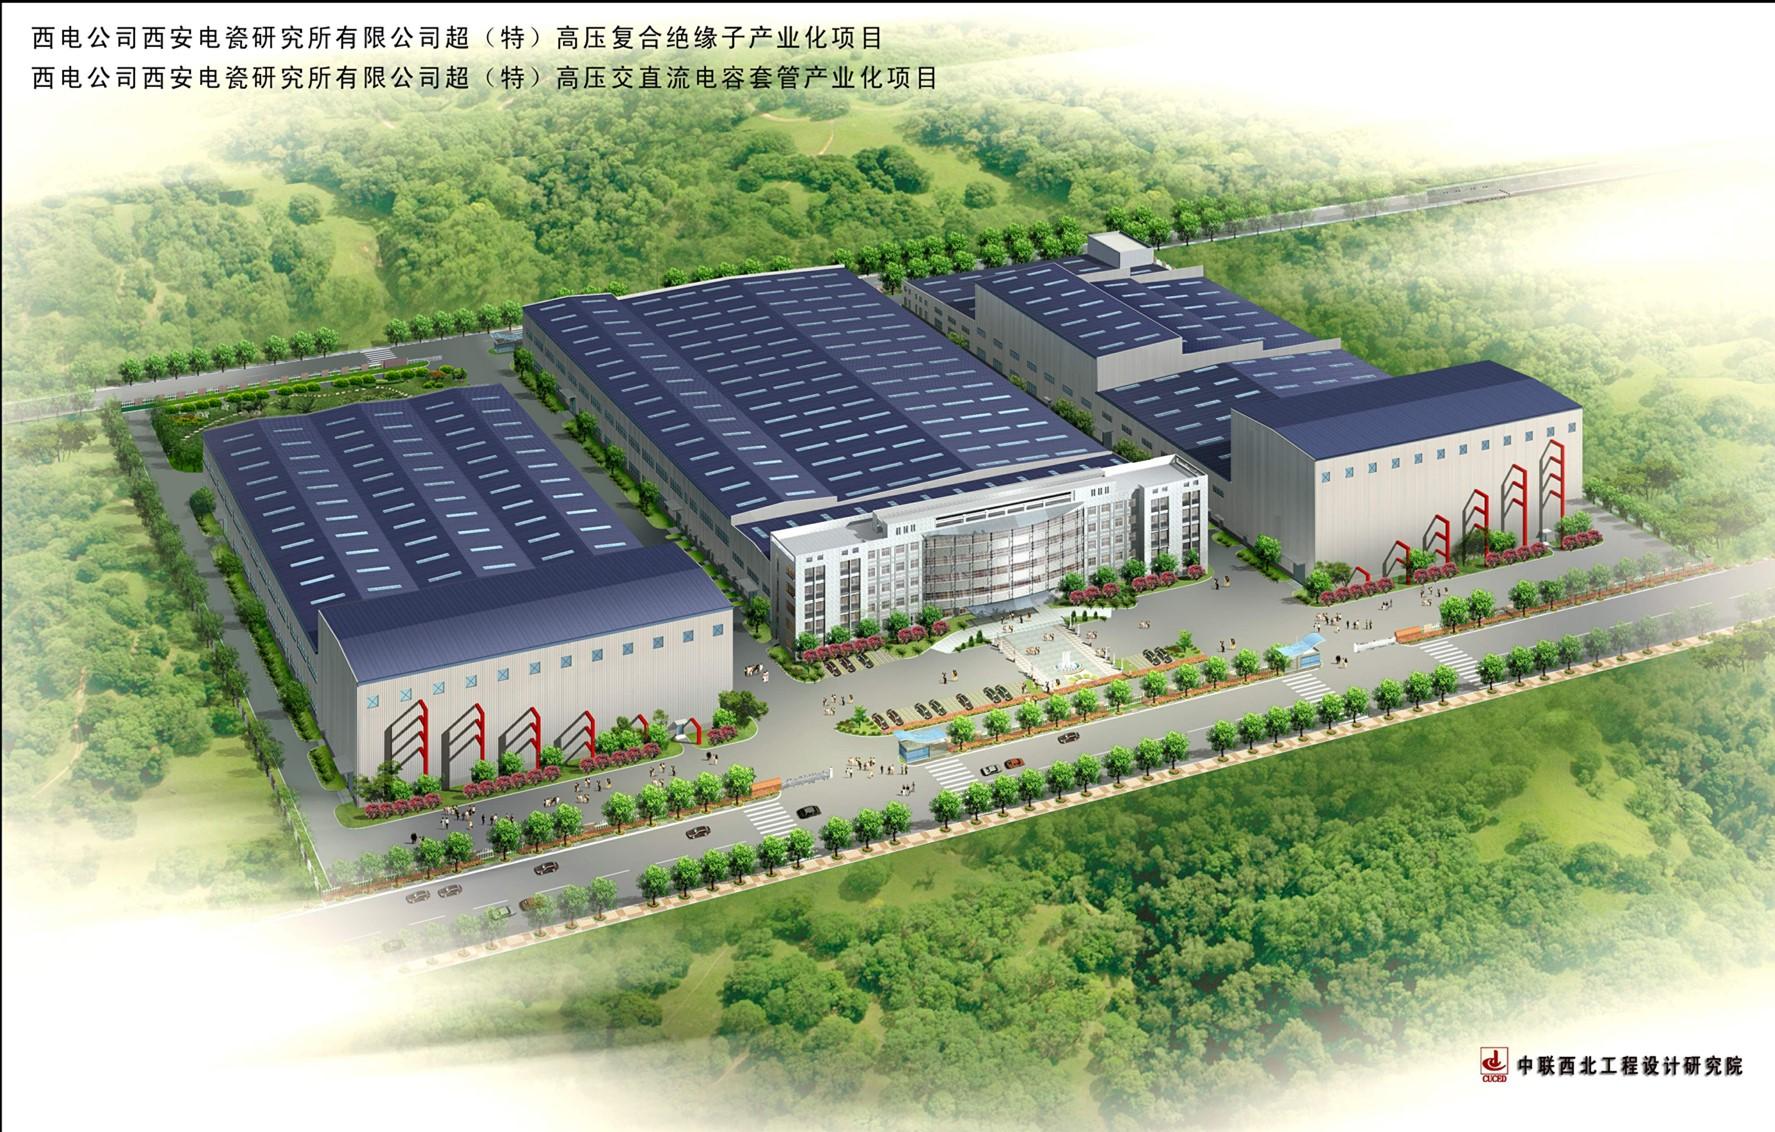 西安电磁研究所有限公司超(特)高压1000KV交直流电容套管和复合绝缘子产业化基地